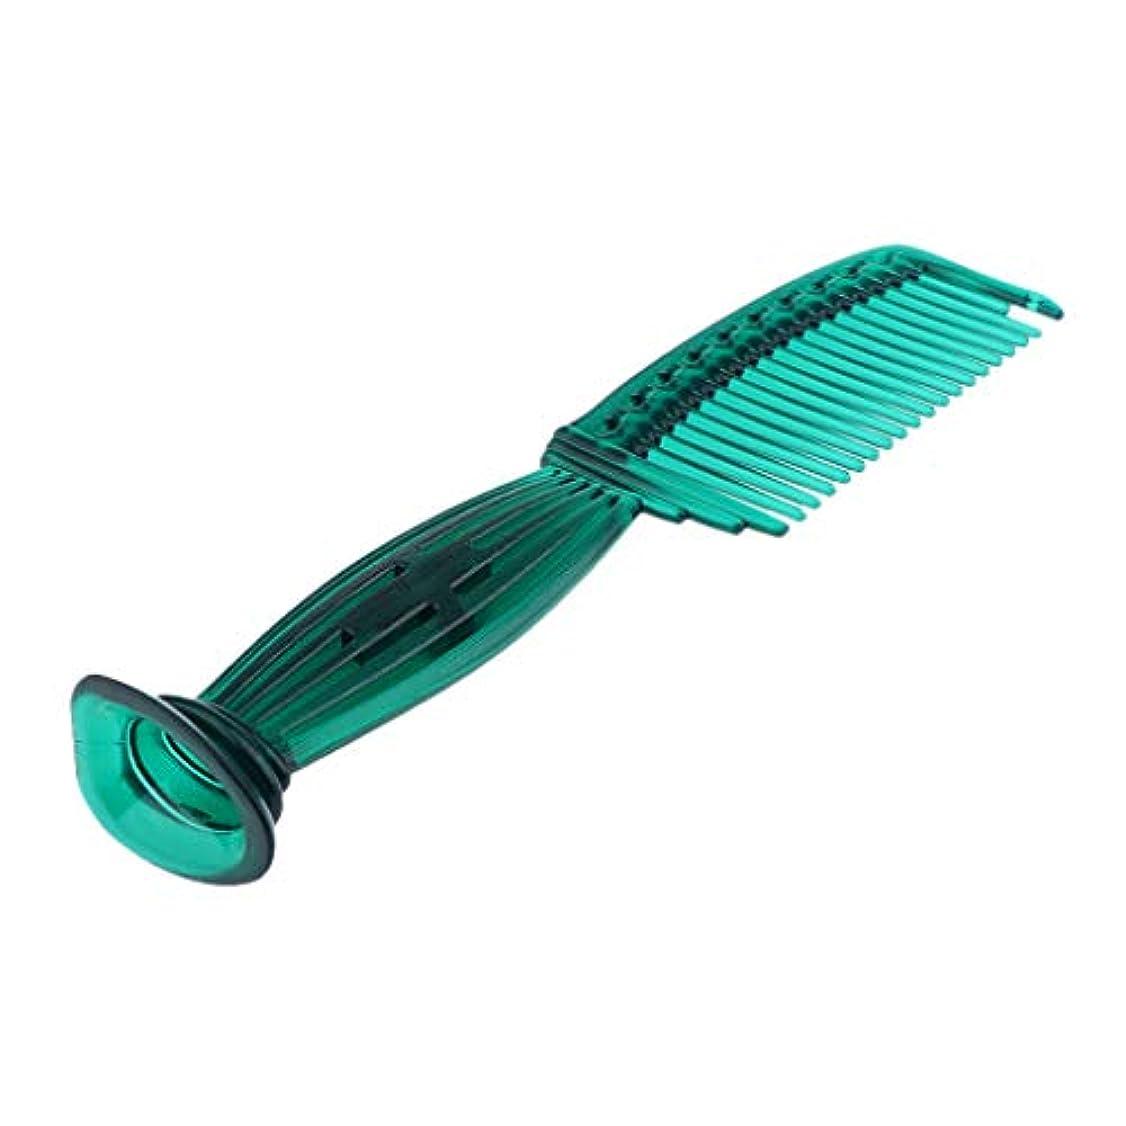 蘇生する逮捕眉ヘアコーム ヘアブラシ ラウンドチップ ワイドスペースの歯 頭皮保護 櫛 5色選べ - 緑